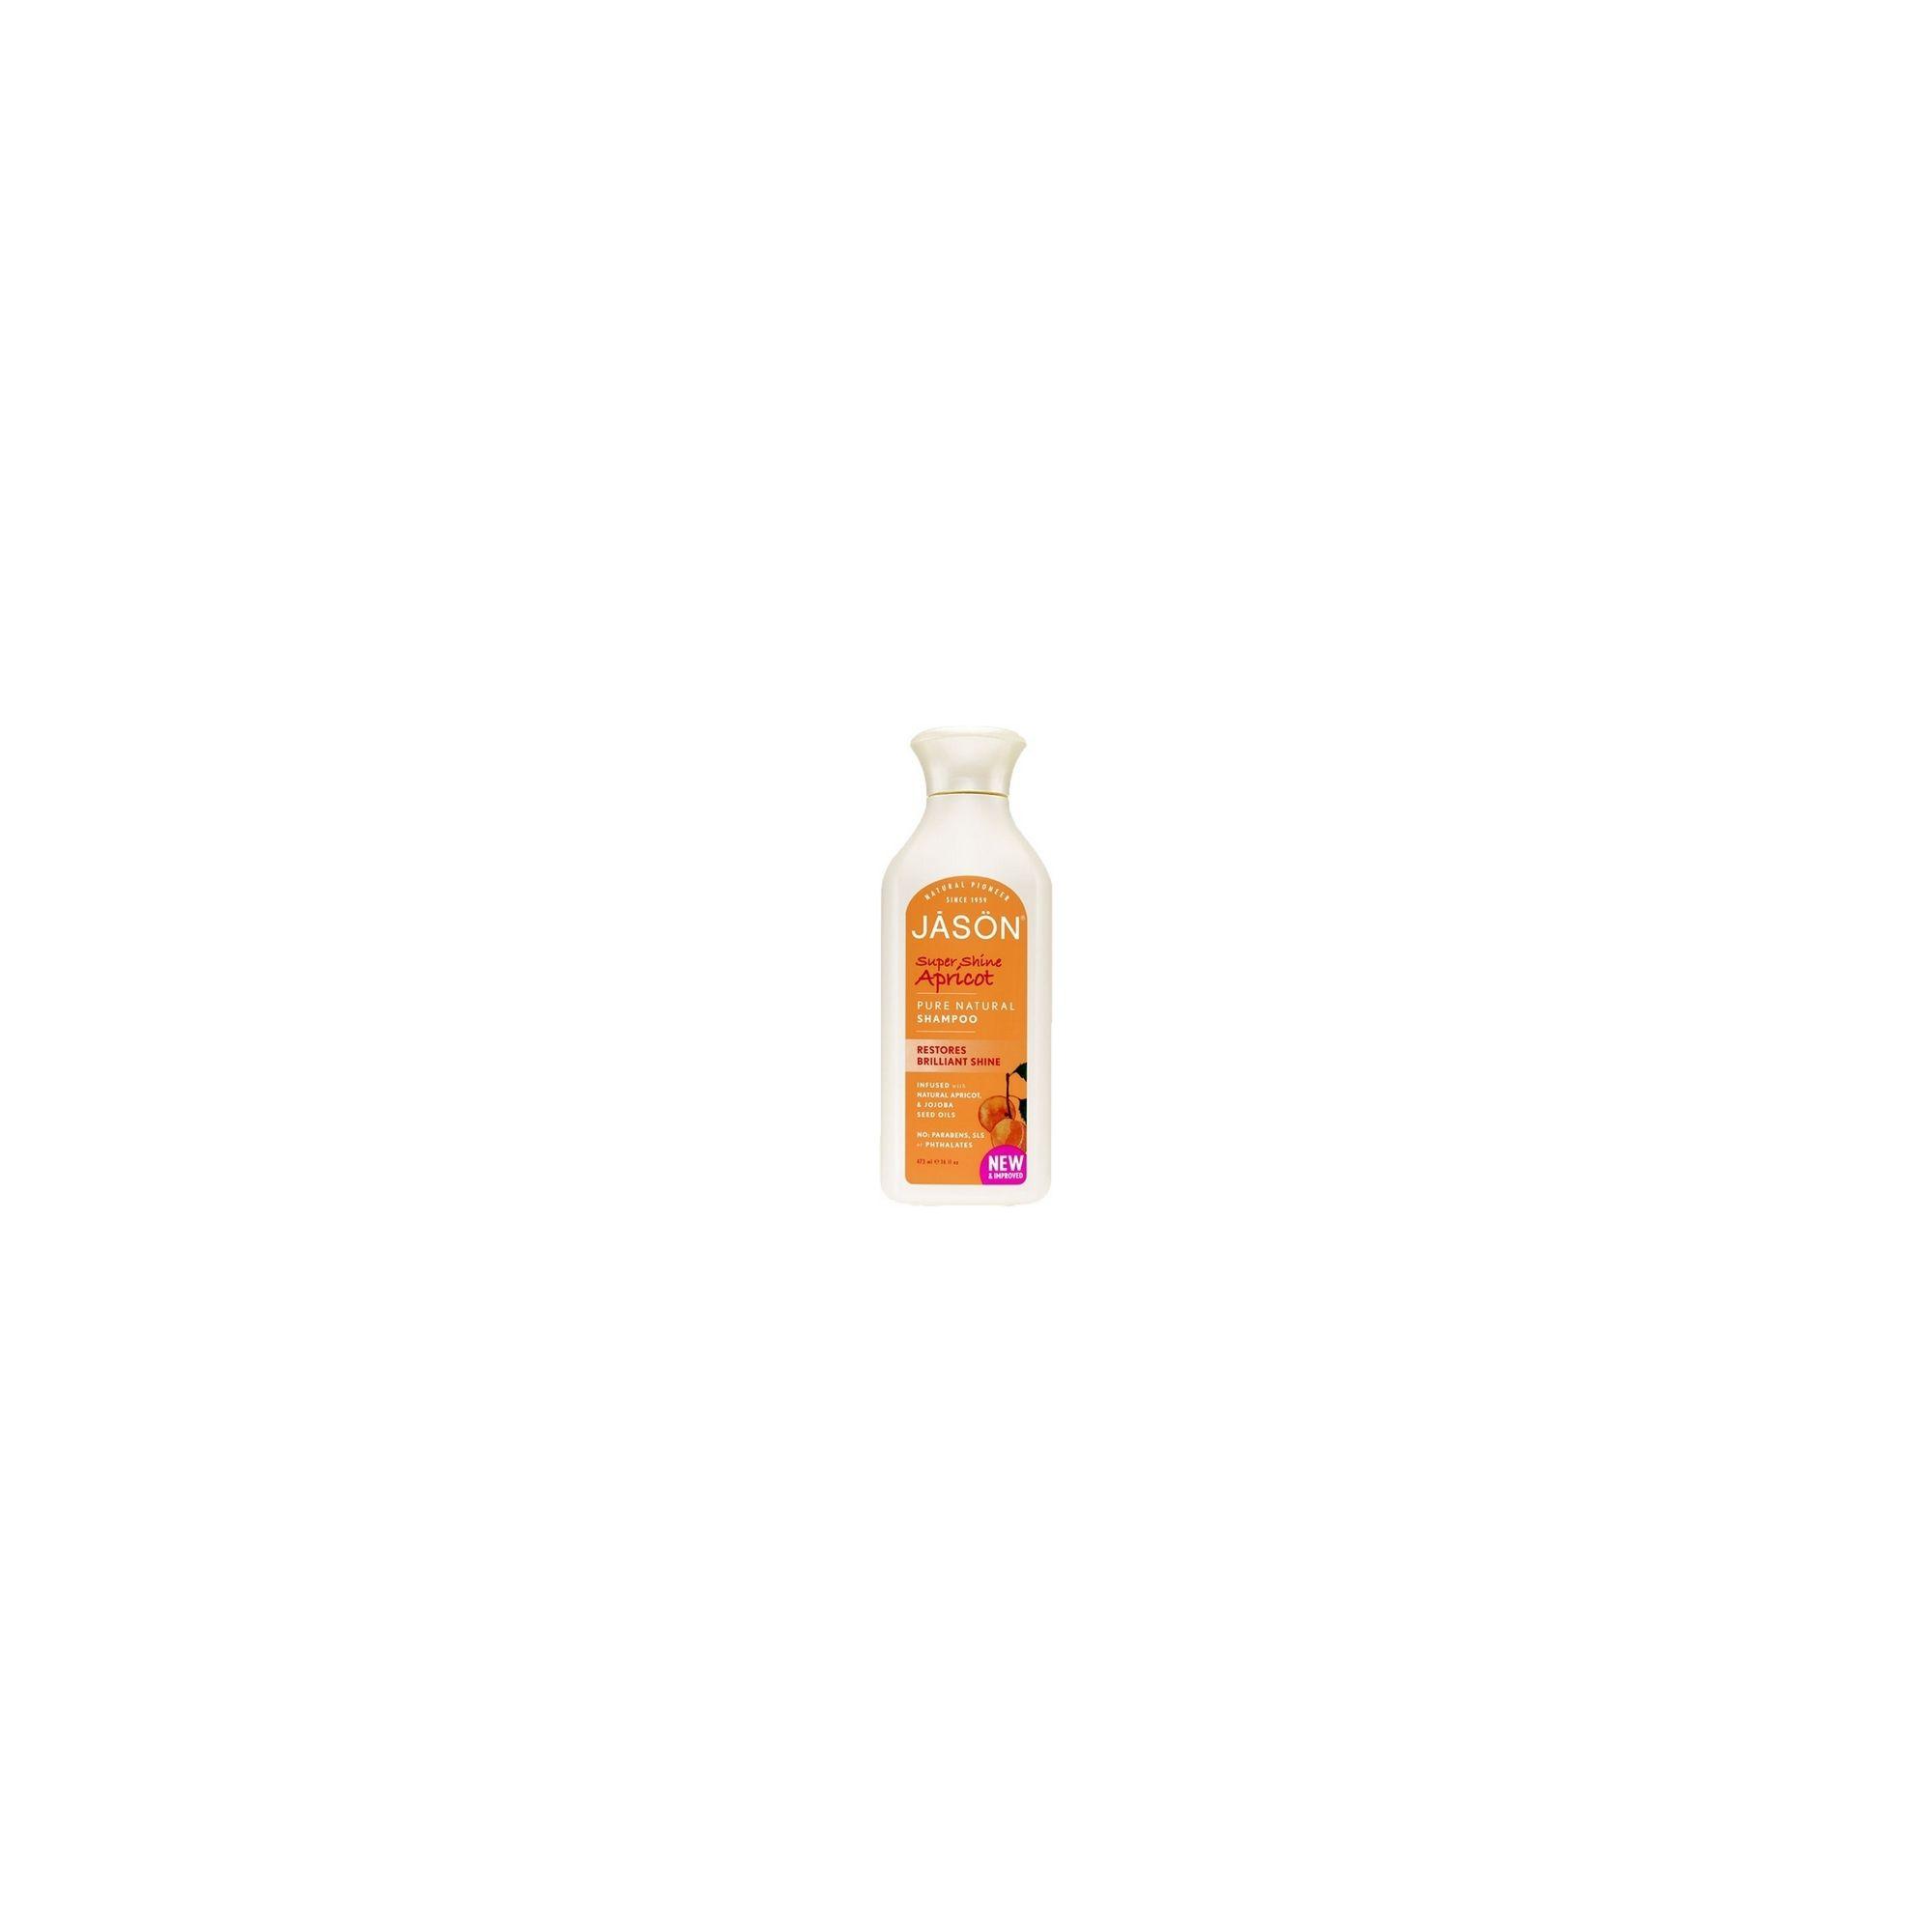 Apricot/Keratin Shampoo Organic